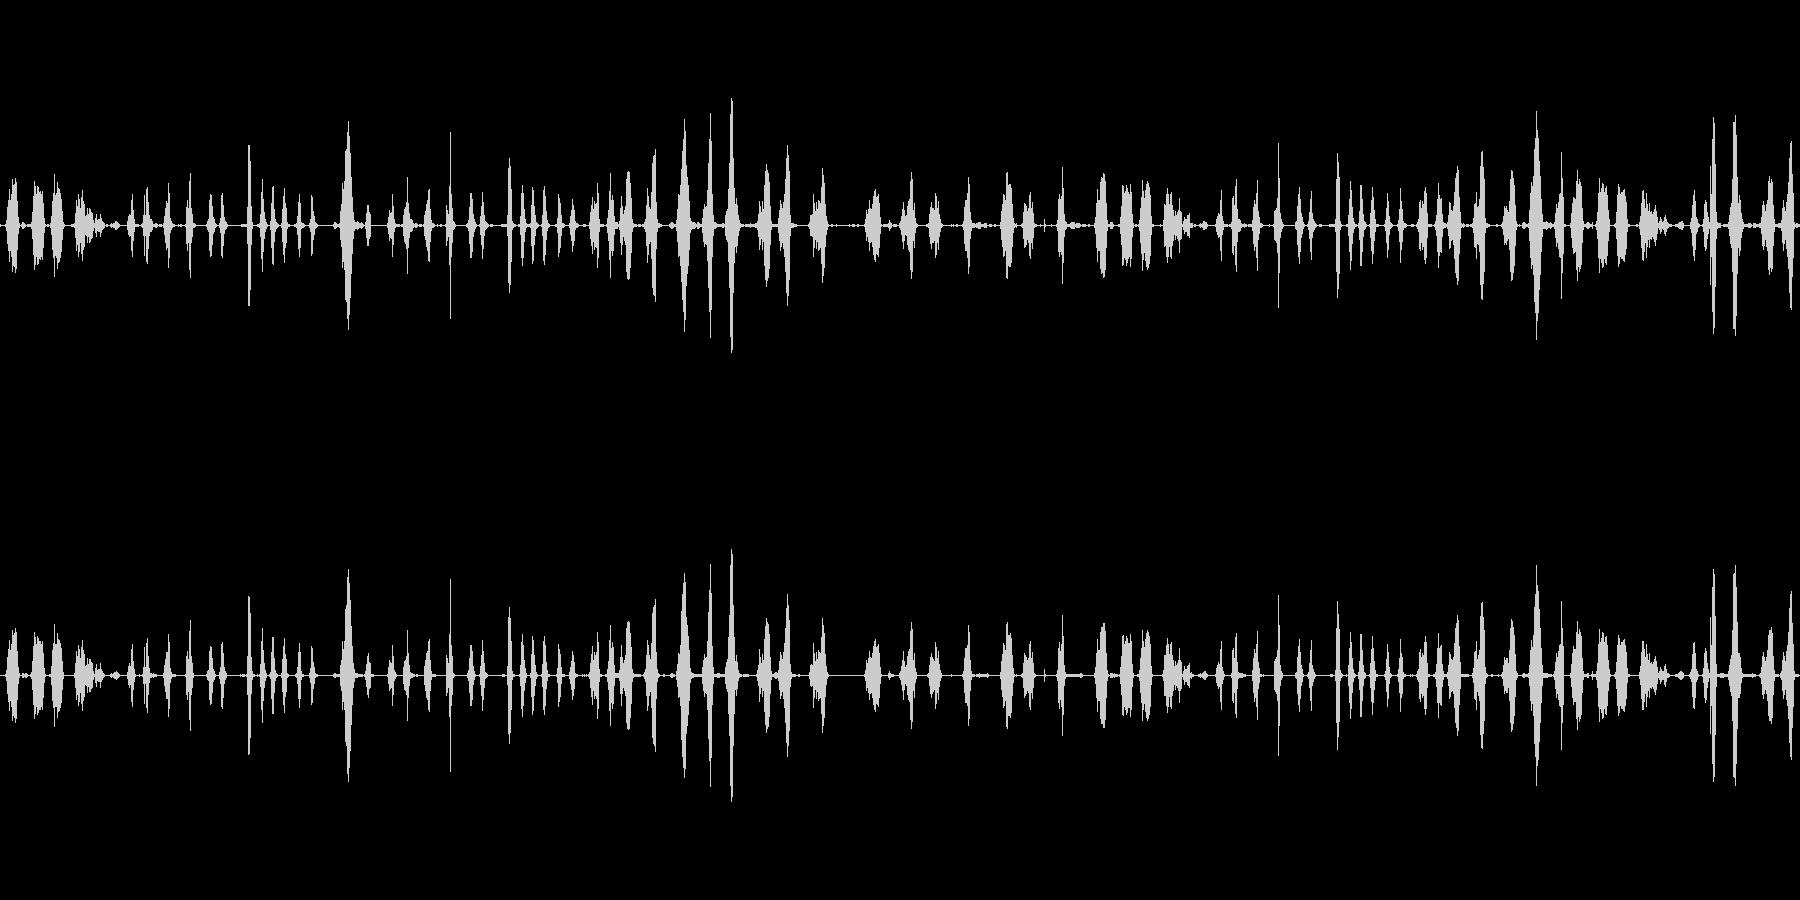 喋った声を早送りにした音の未再生の波形